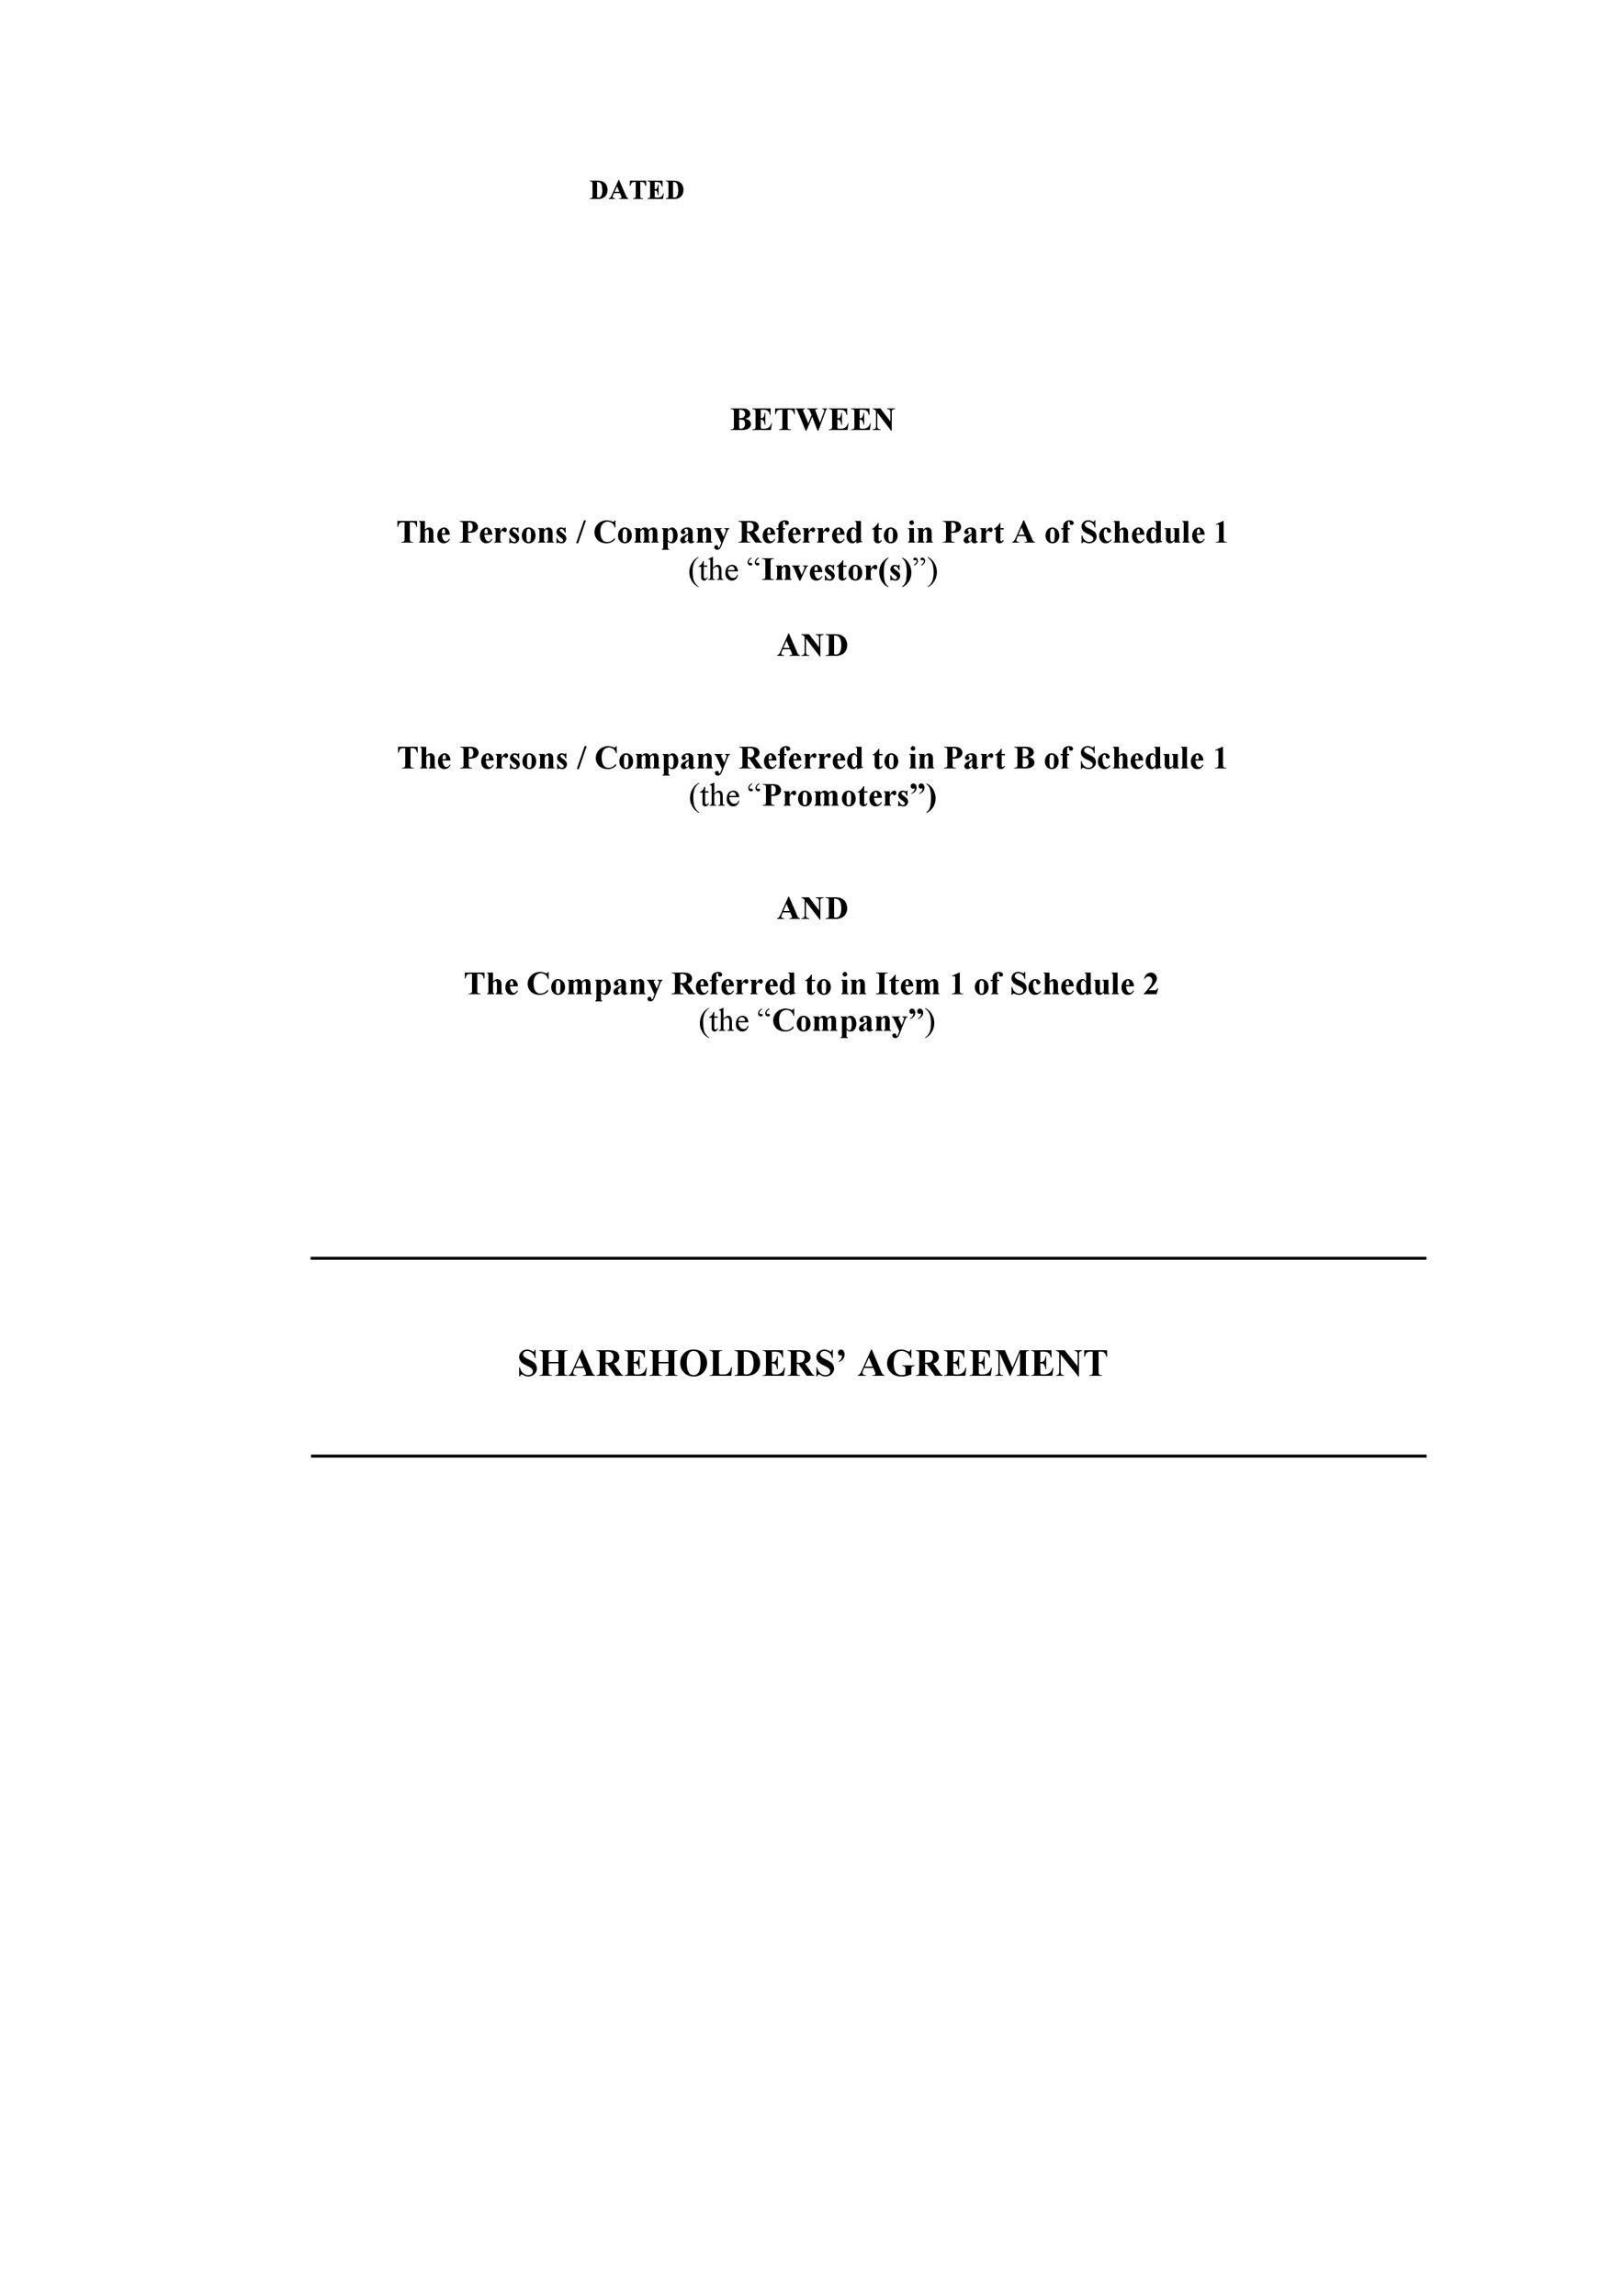 Free shareholder agreement 20